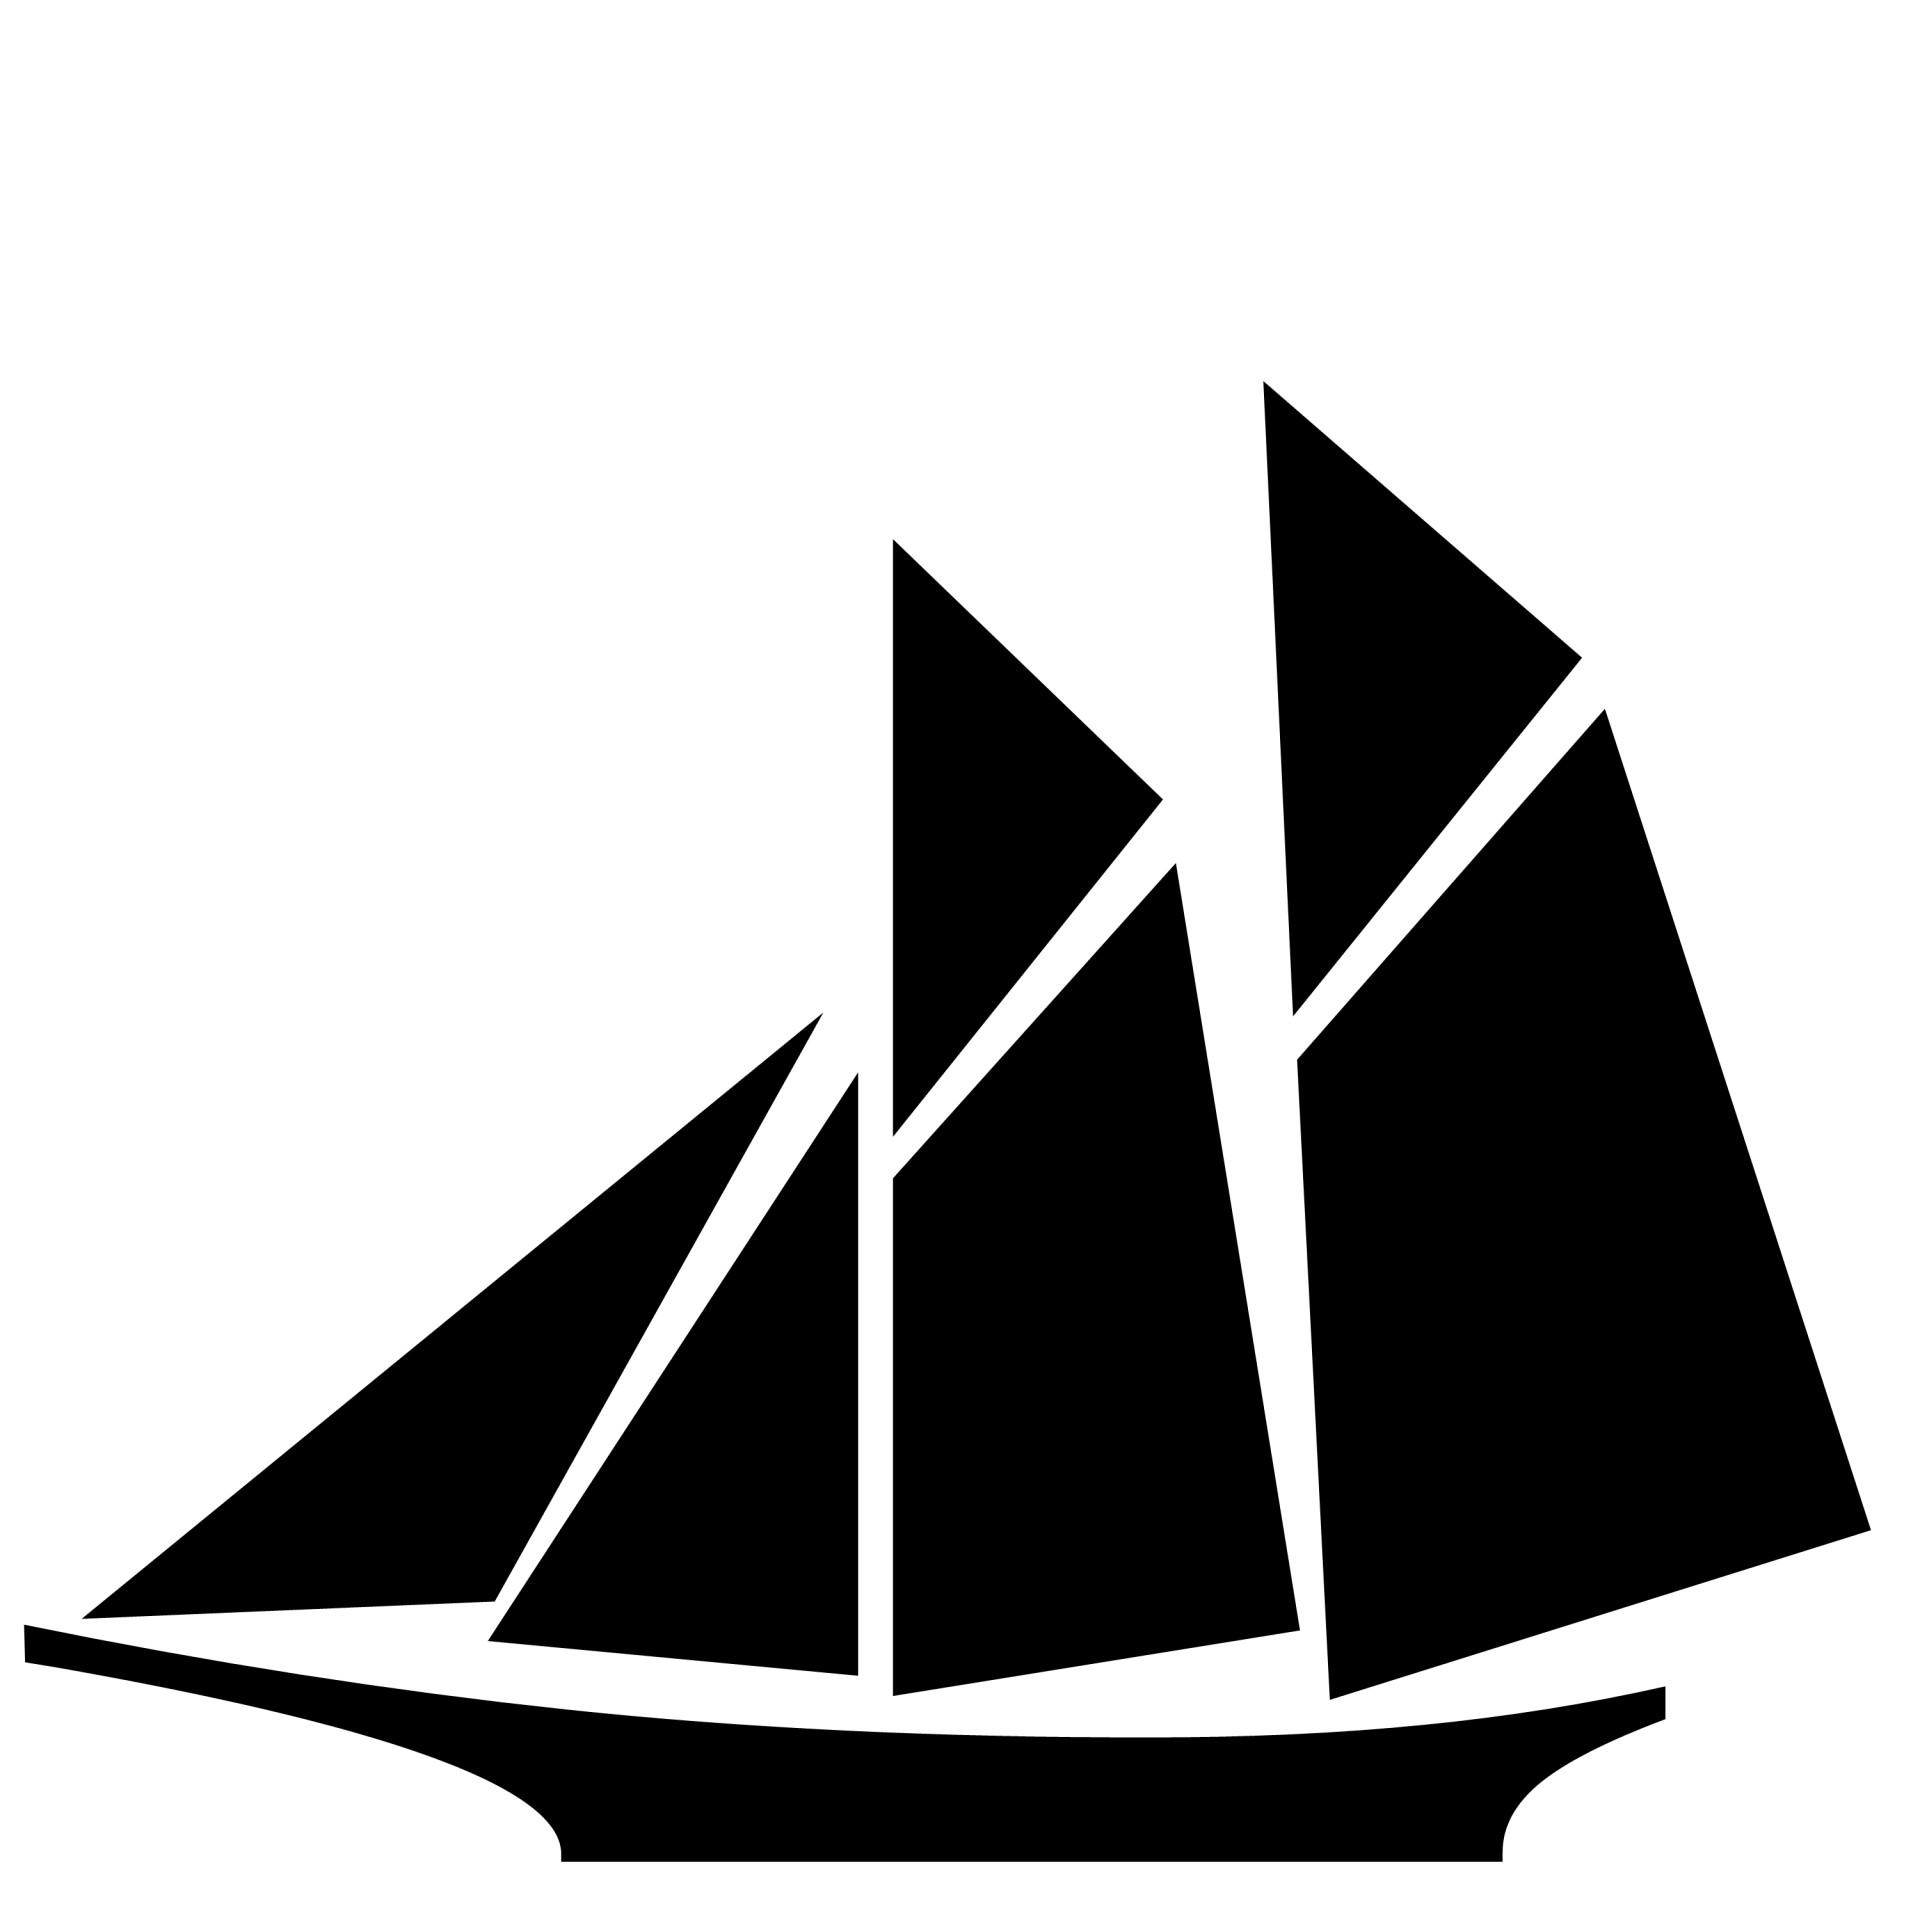 1920x1920 Sailboat Silhouette Free Stock Photo